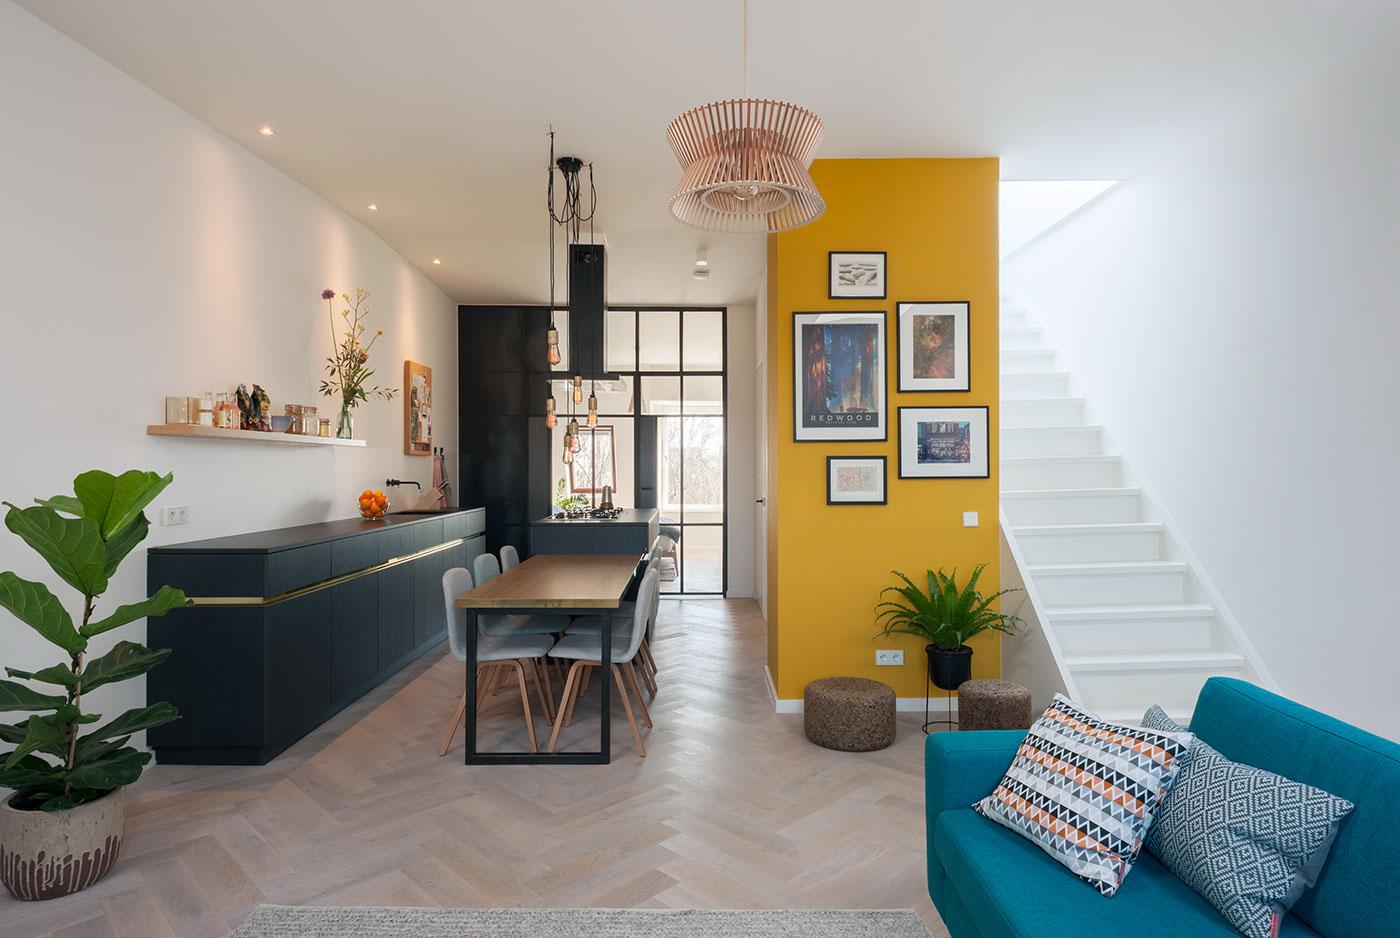 简约复式公寓装修效果图